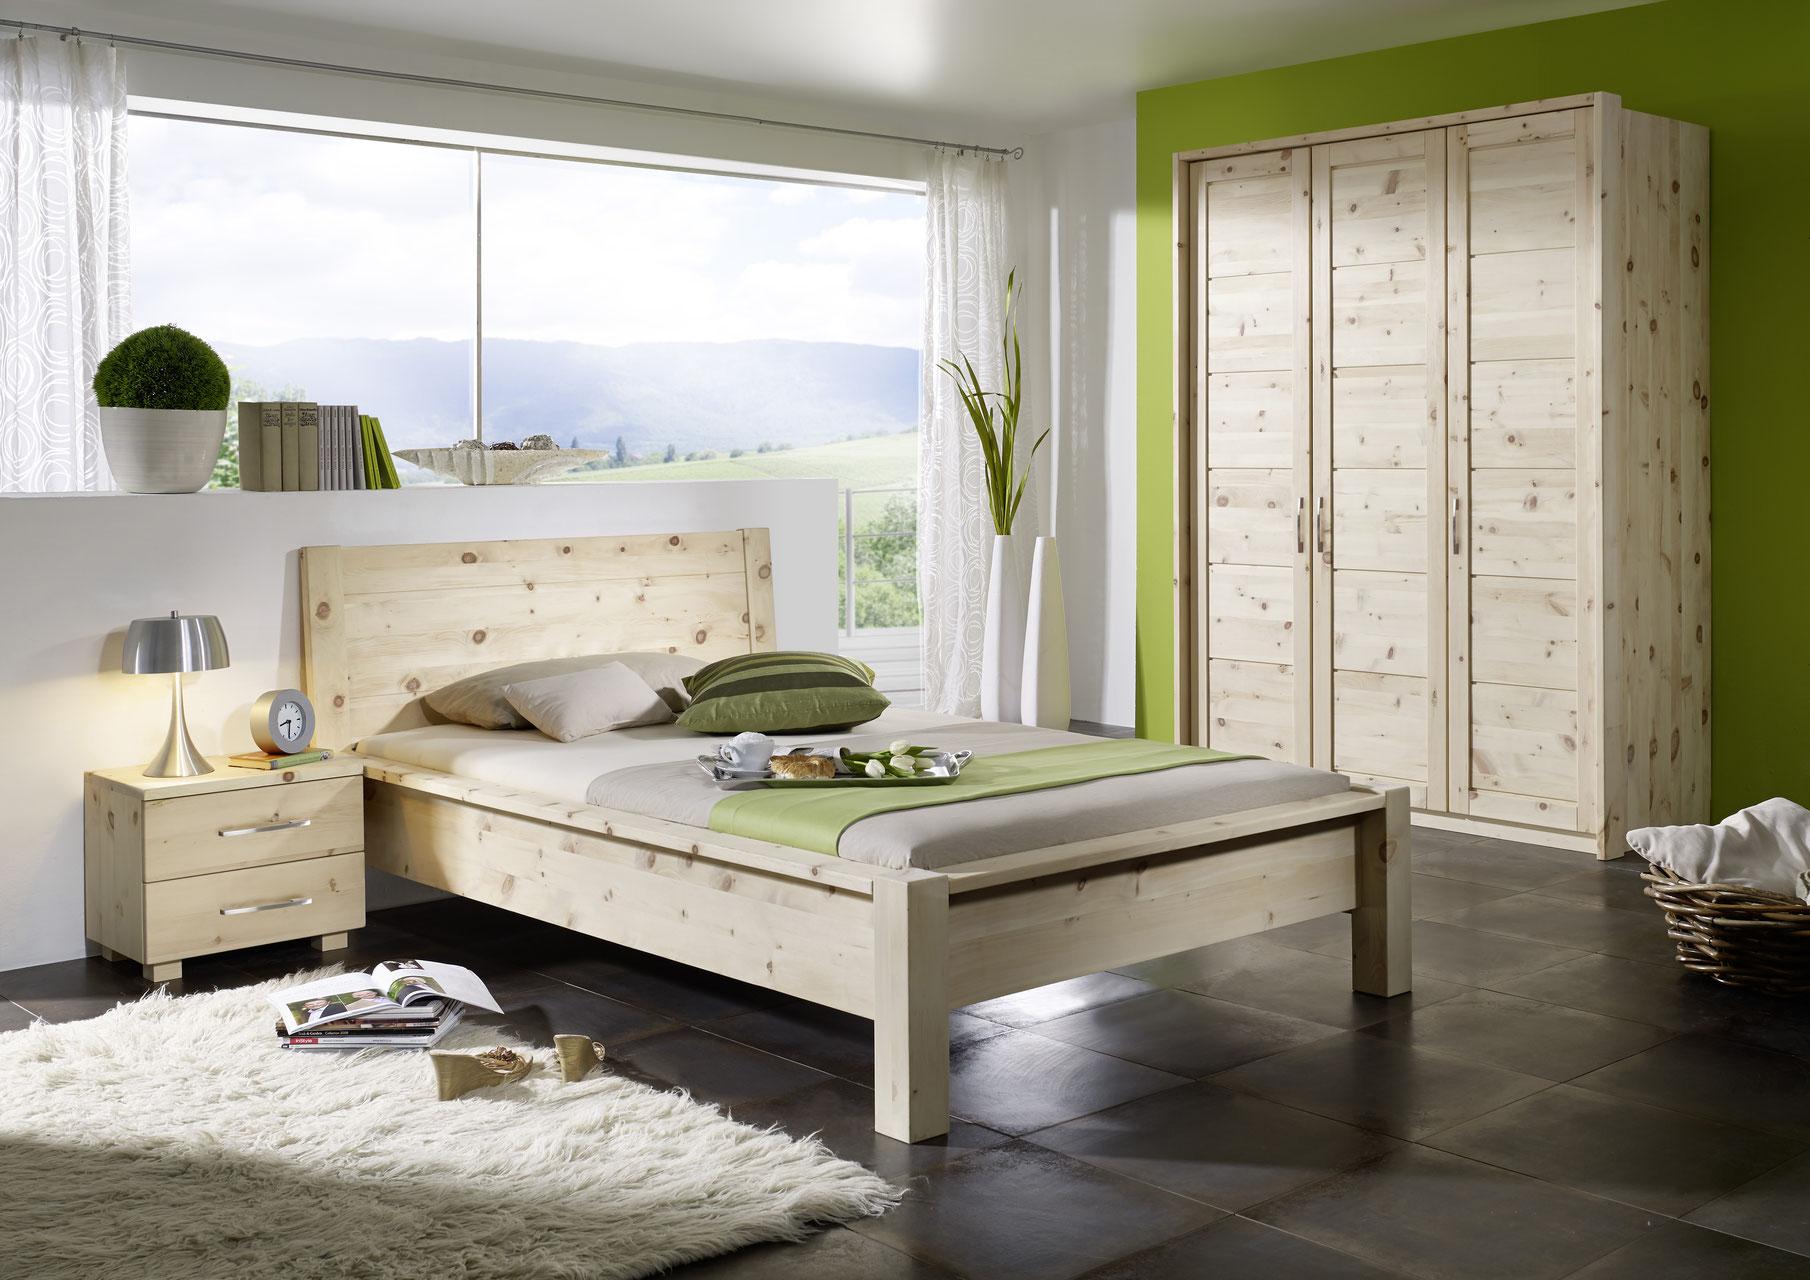 BALANCE | Traumhaftes Schlafzimmer aus Zirbenholz | 6 tlg.